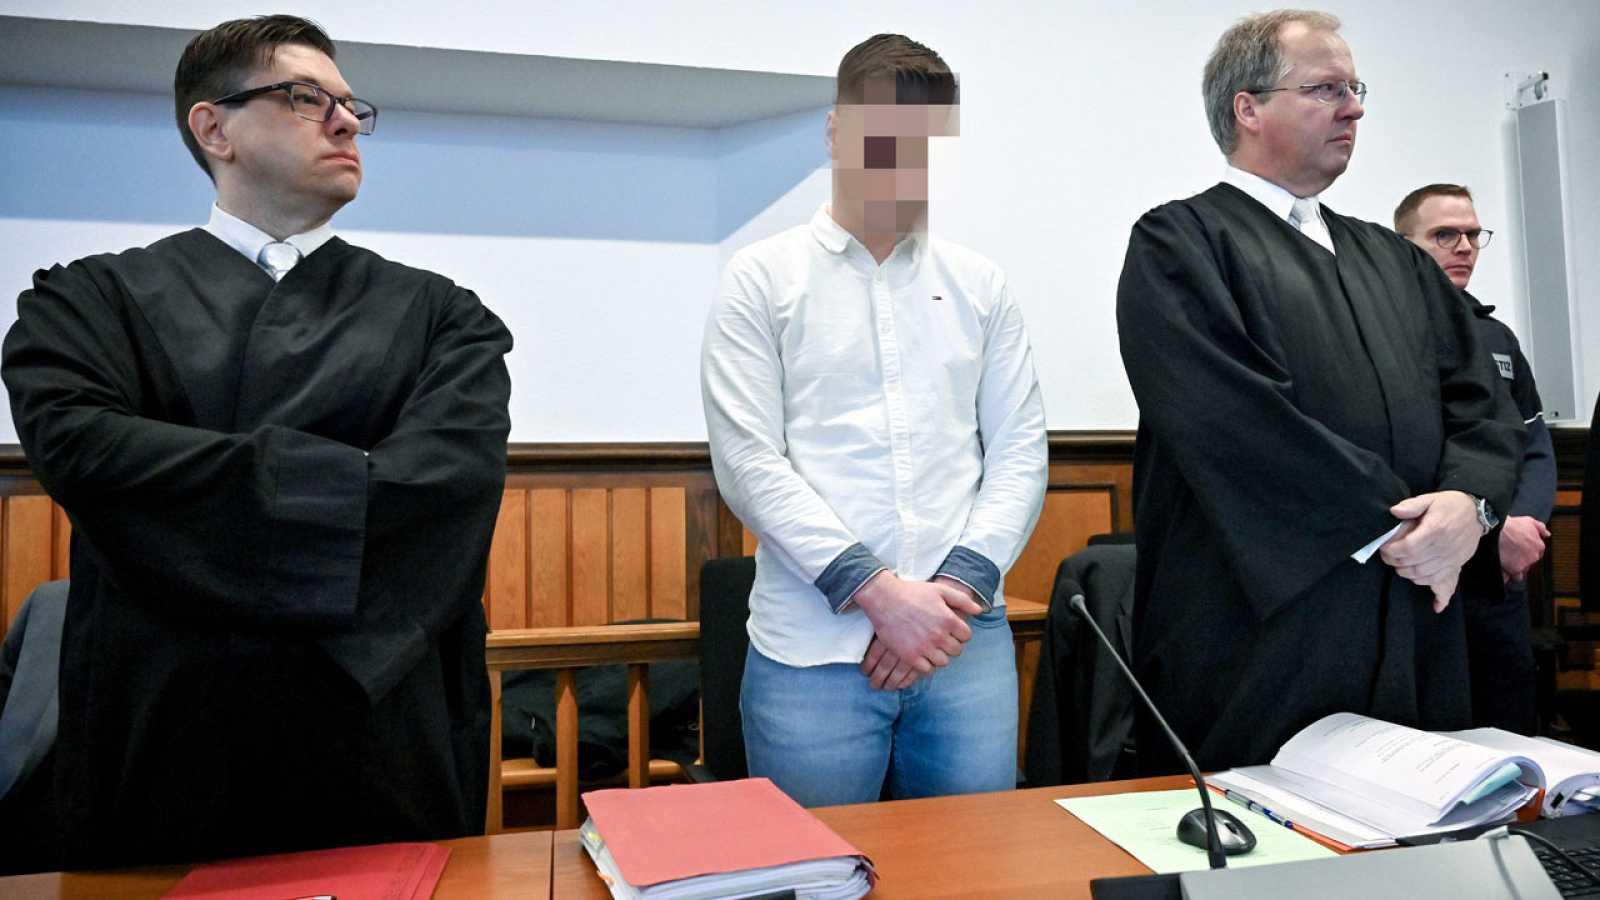 El condenado a cadena perpetua, durante el juicio en Kleve